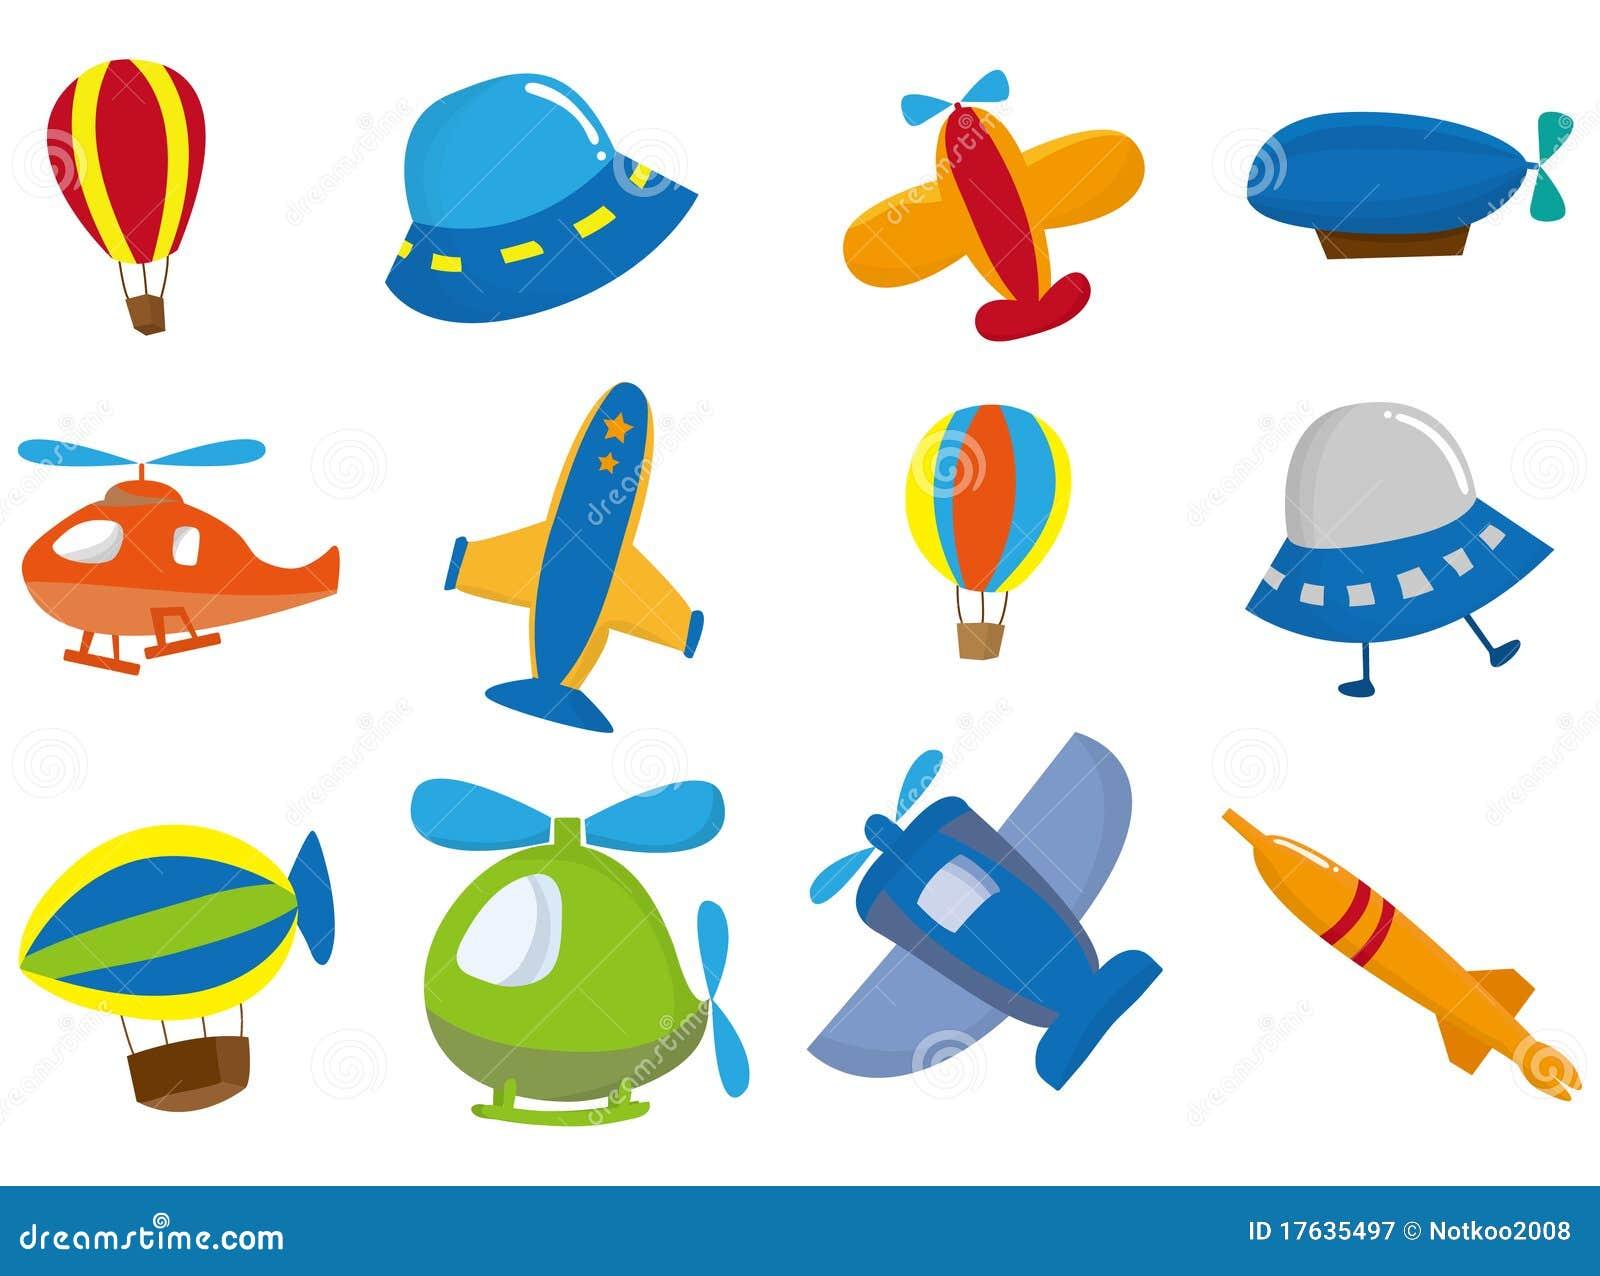 飞机动画片图标